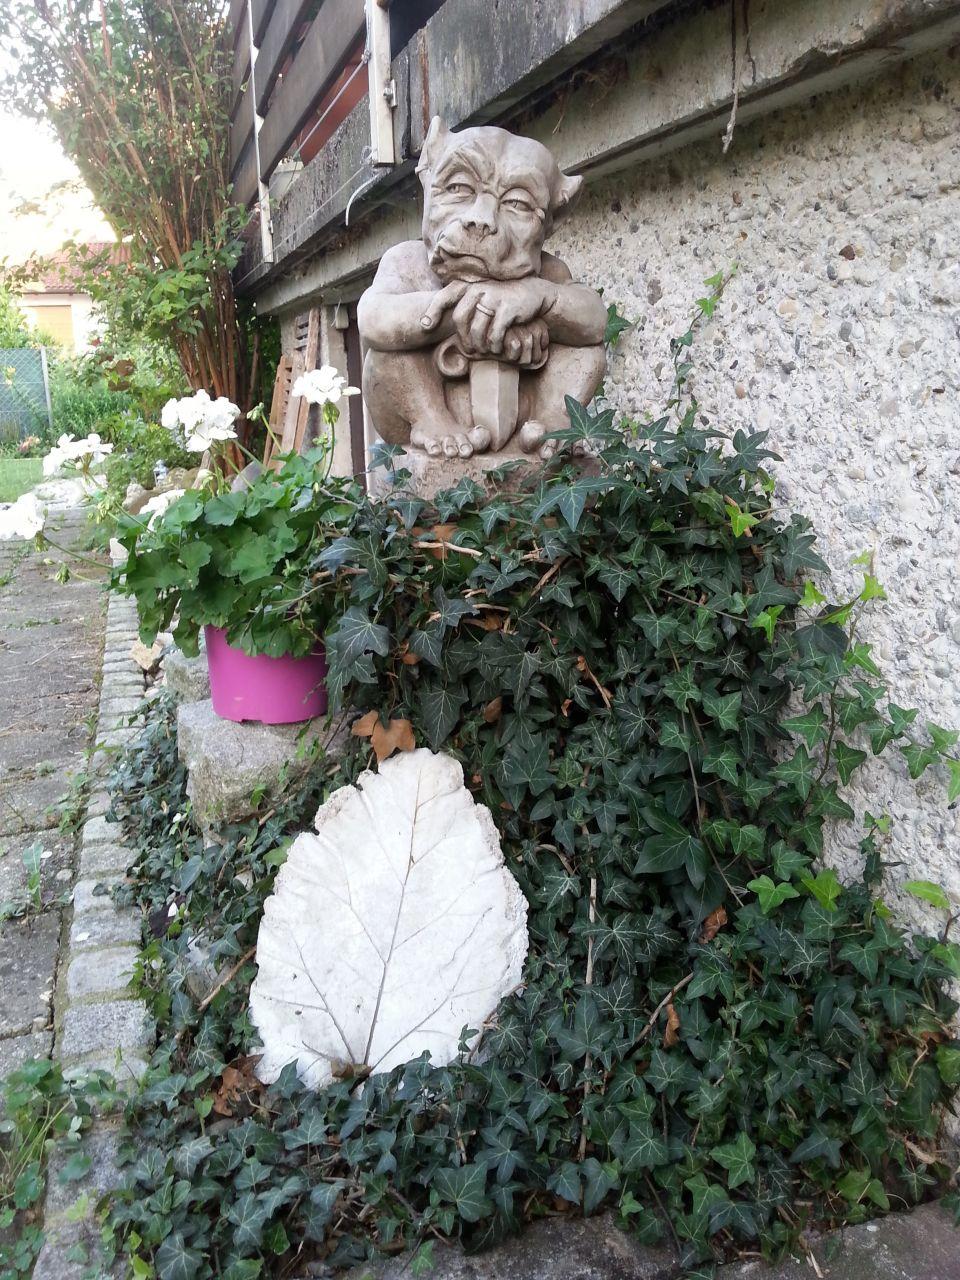 Gartenfigur SWORD GARGOYLE klein (c) by Fiona Scott- Steinguss